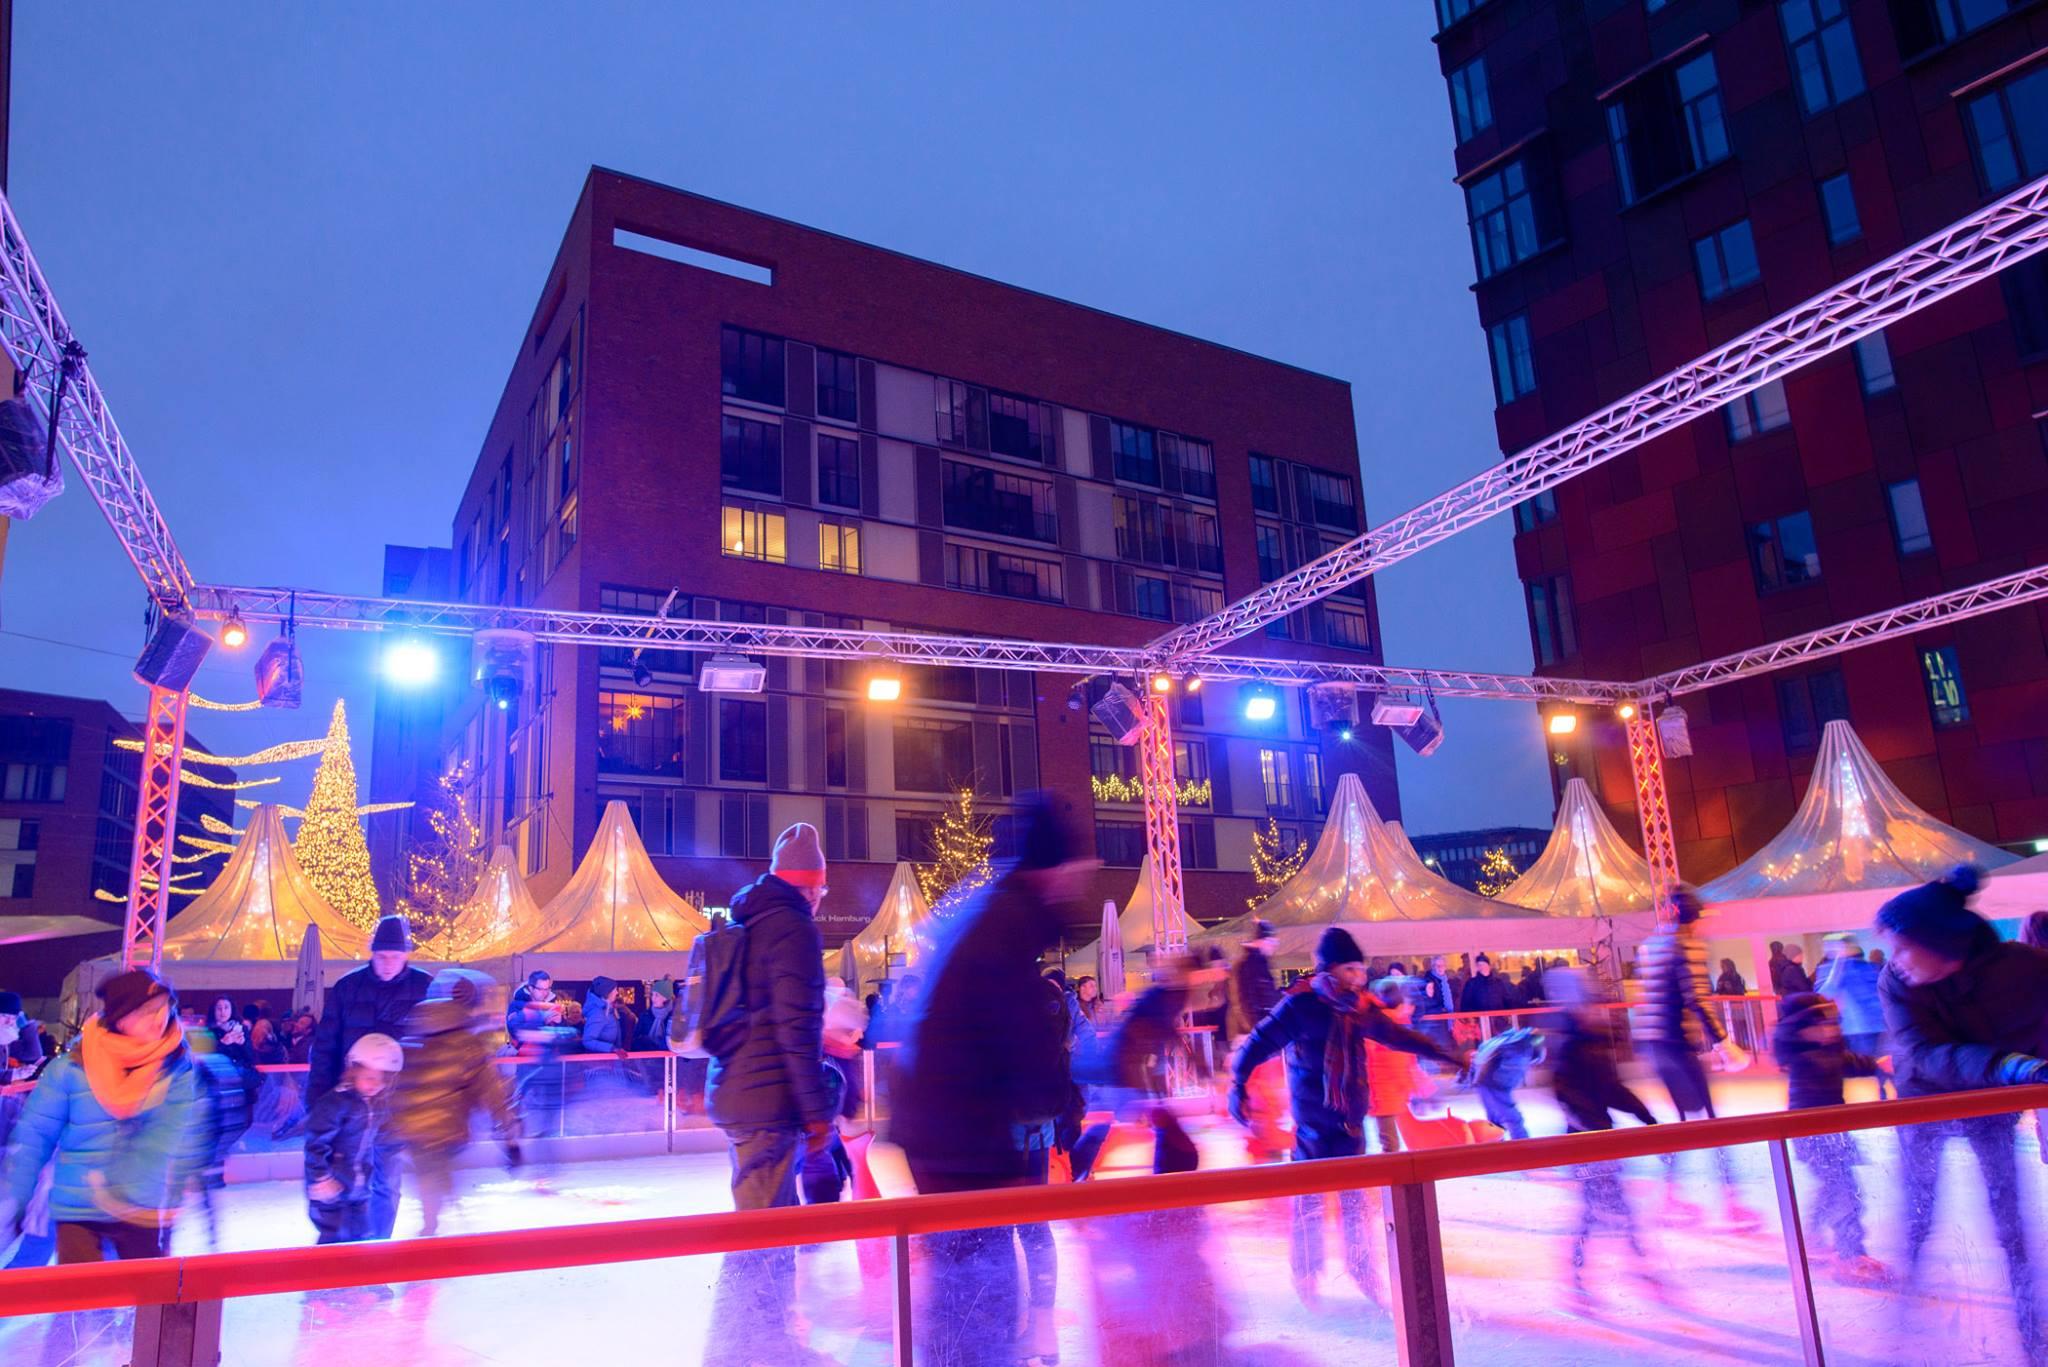 Die WinterLounge in der HafenCity lädt zum weihnachtlichen AfterWork ein!